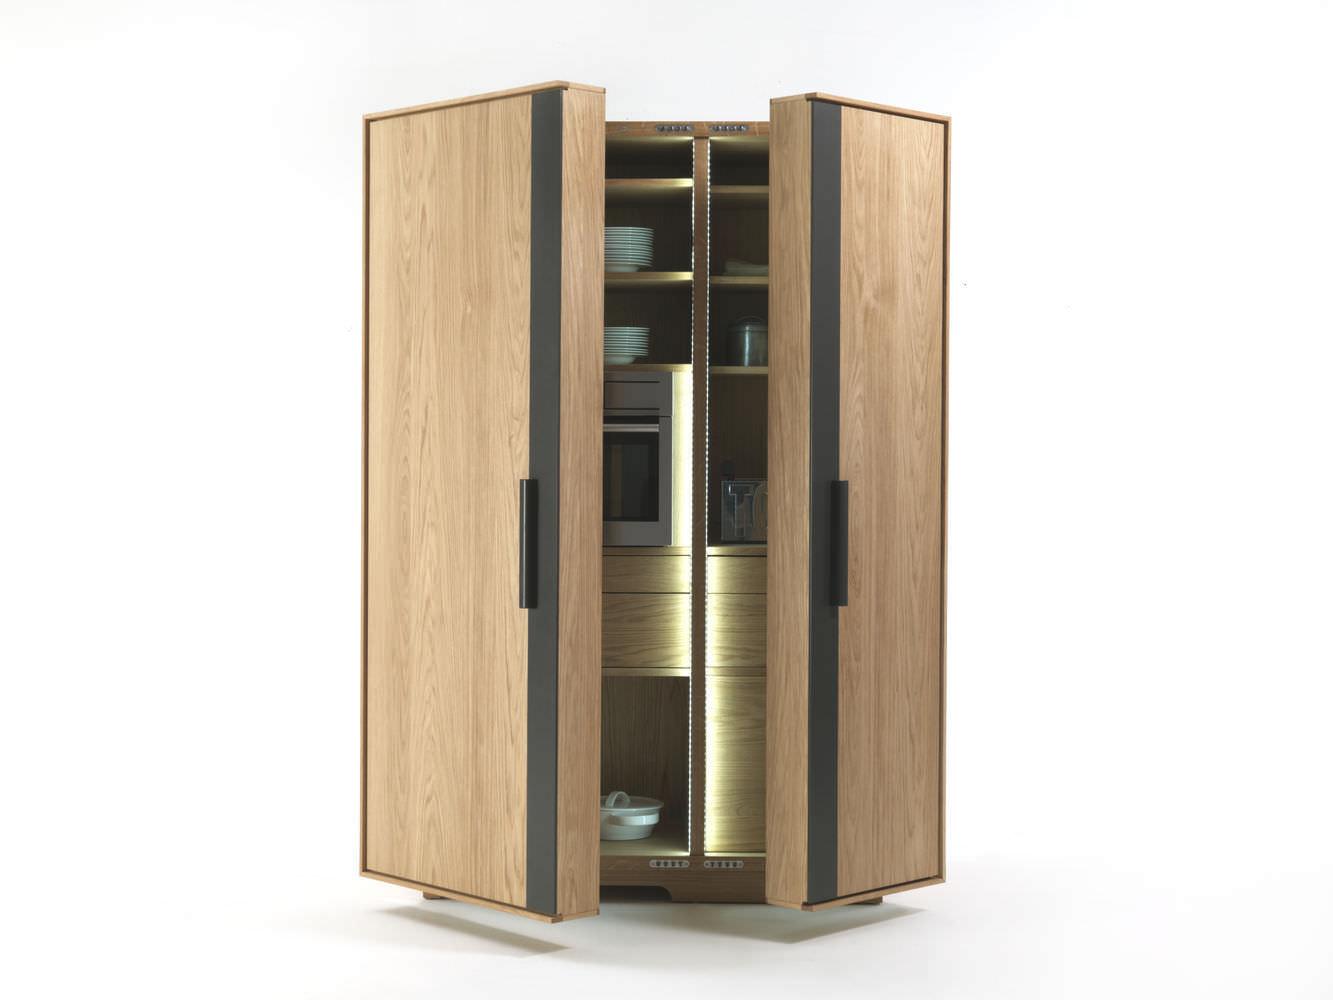 Colonne per bagno : Wood storage cabinet for kitchen CAMBUSA by Giuliano Cappelletti Riva Industria Mobili